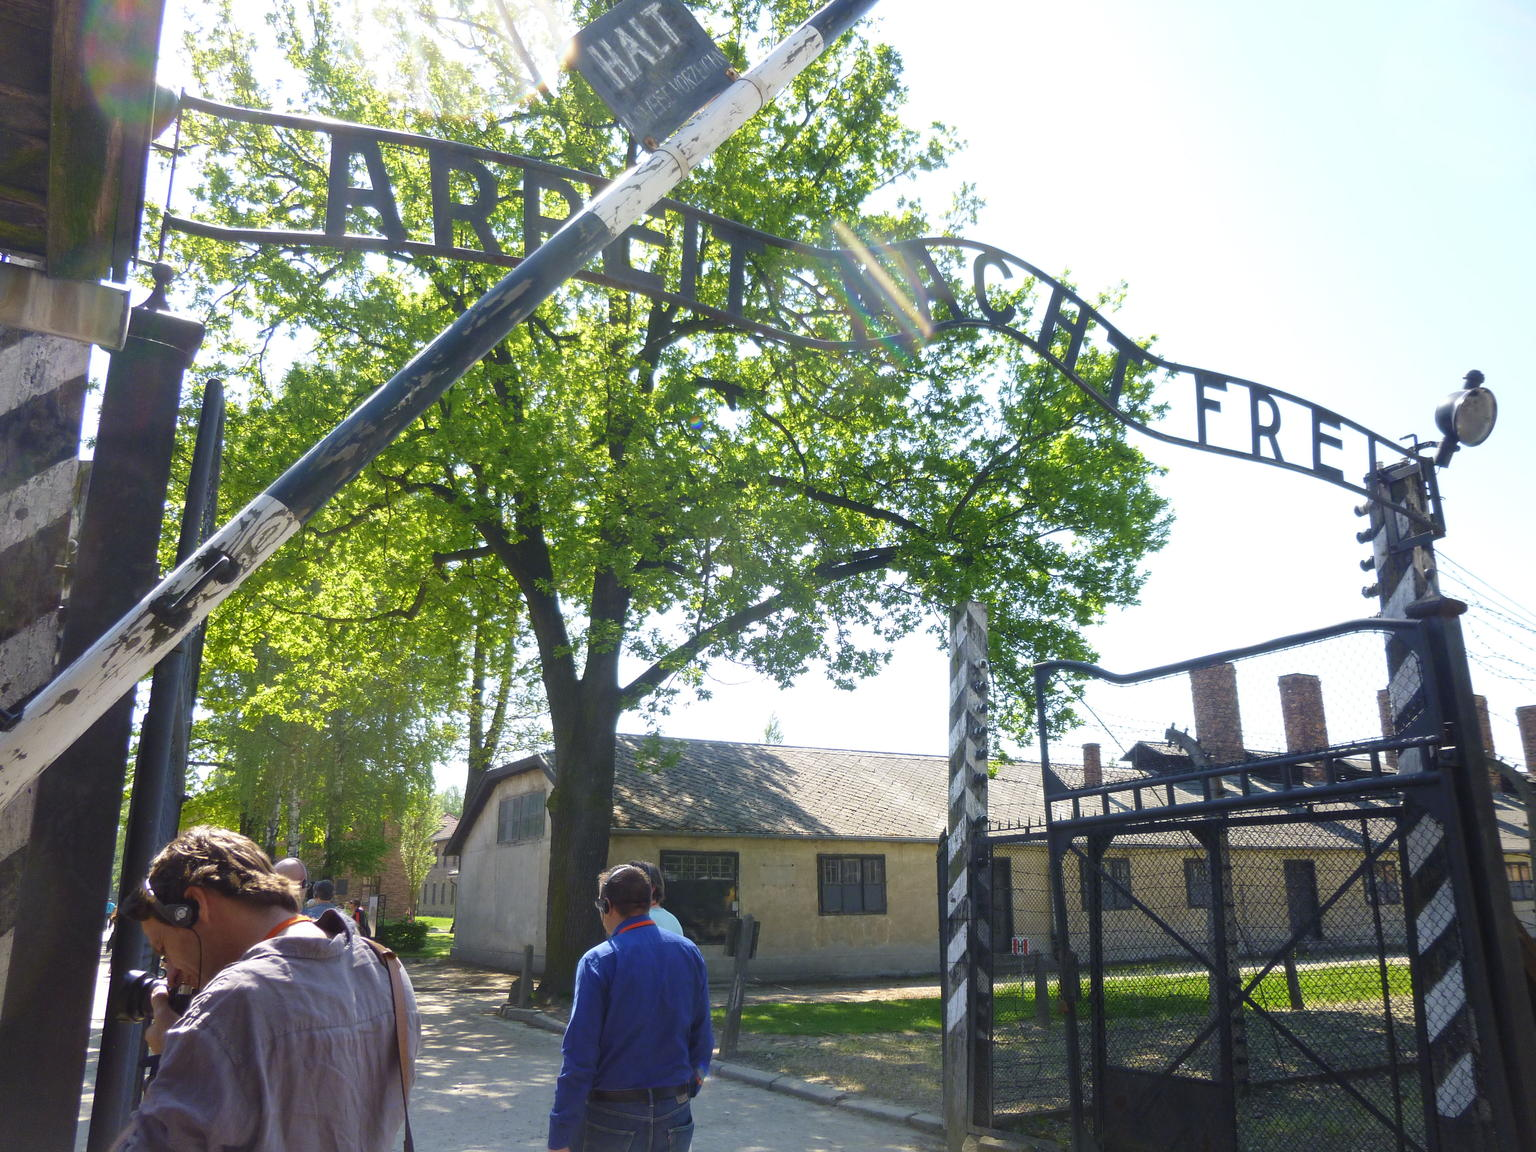 MAIS FOTOS, Excursão em grupo ao Museu Auschwitz-Birkenau partindo de Cracóvia